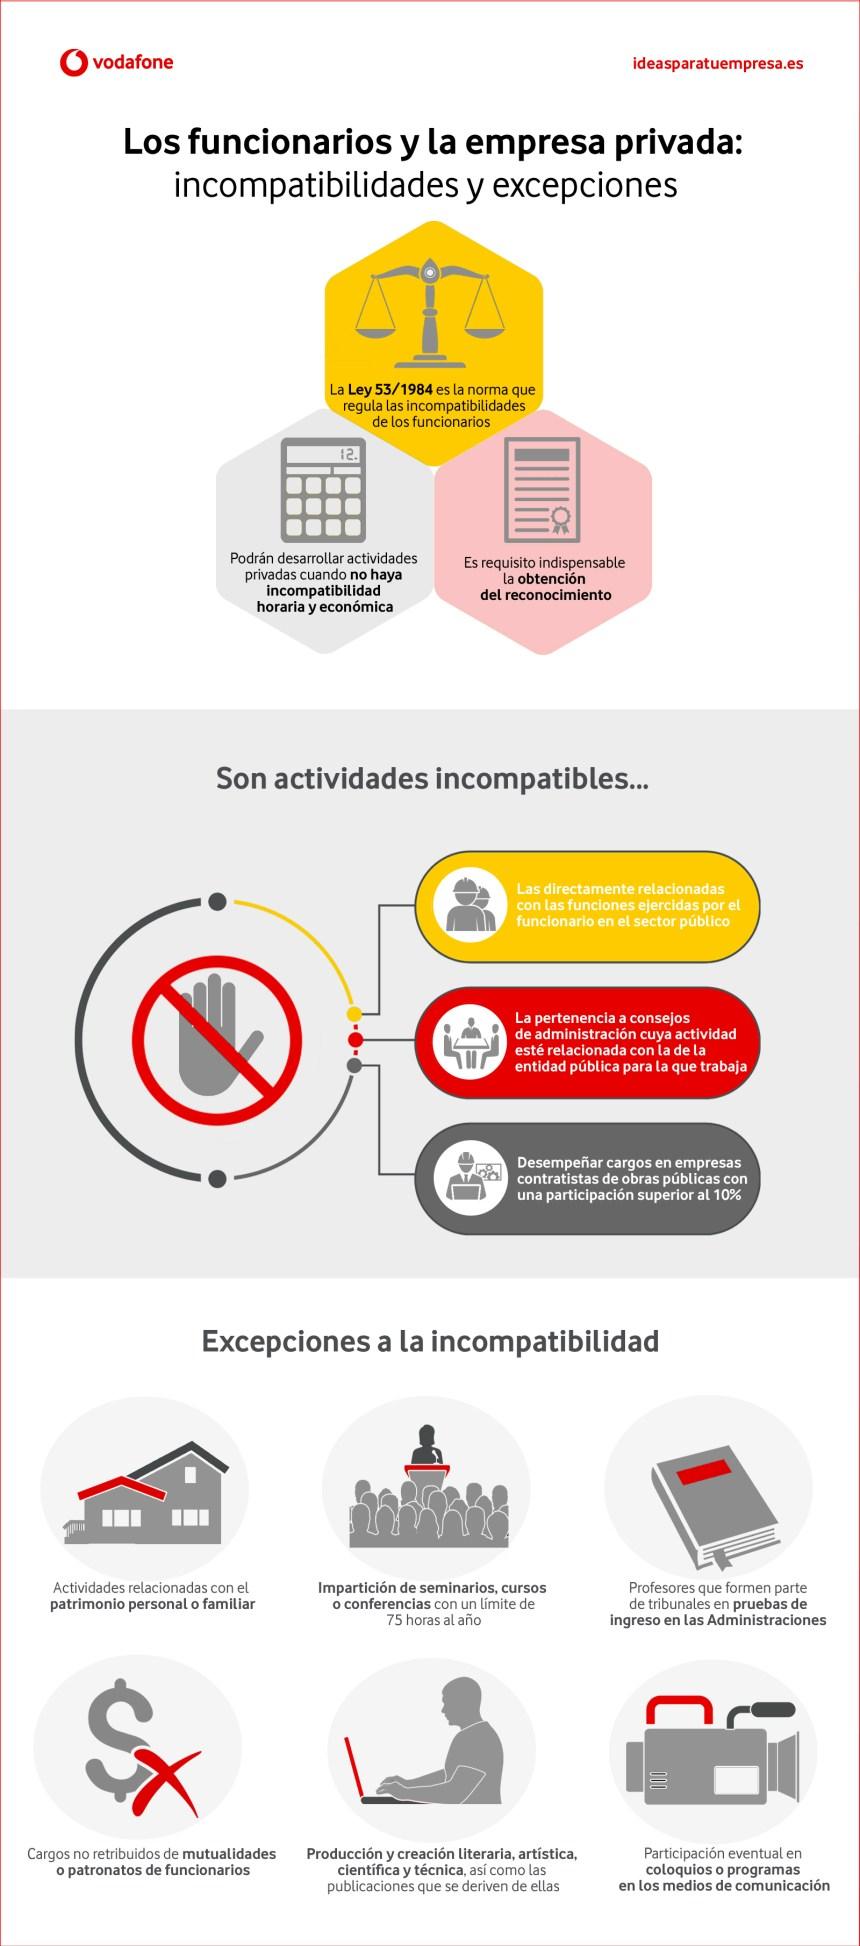 Funcionarios y empresa privada: compatibilidades y excepciones